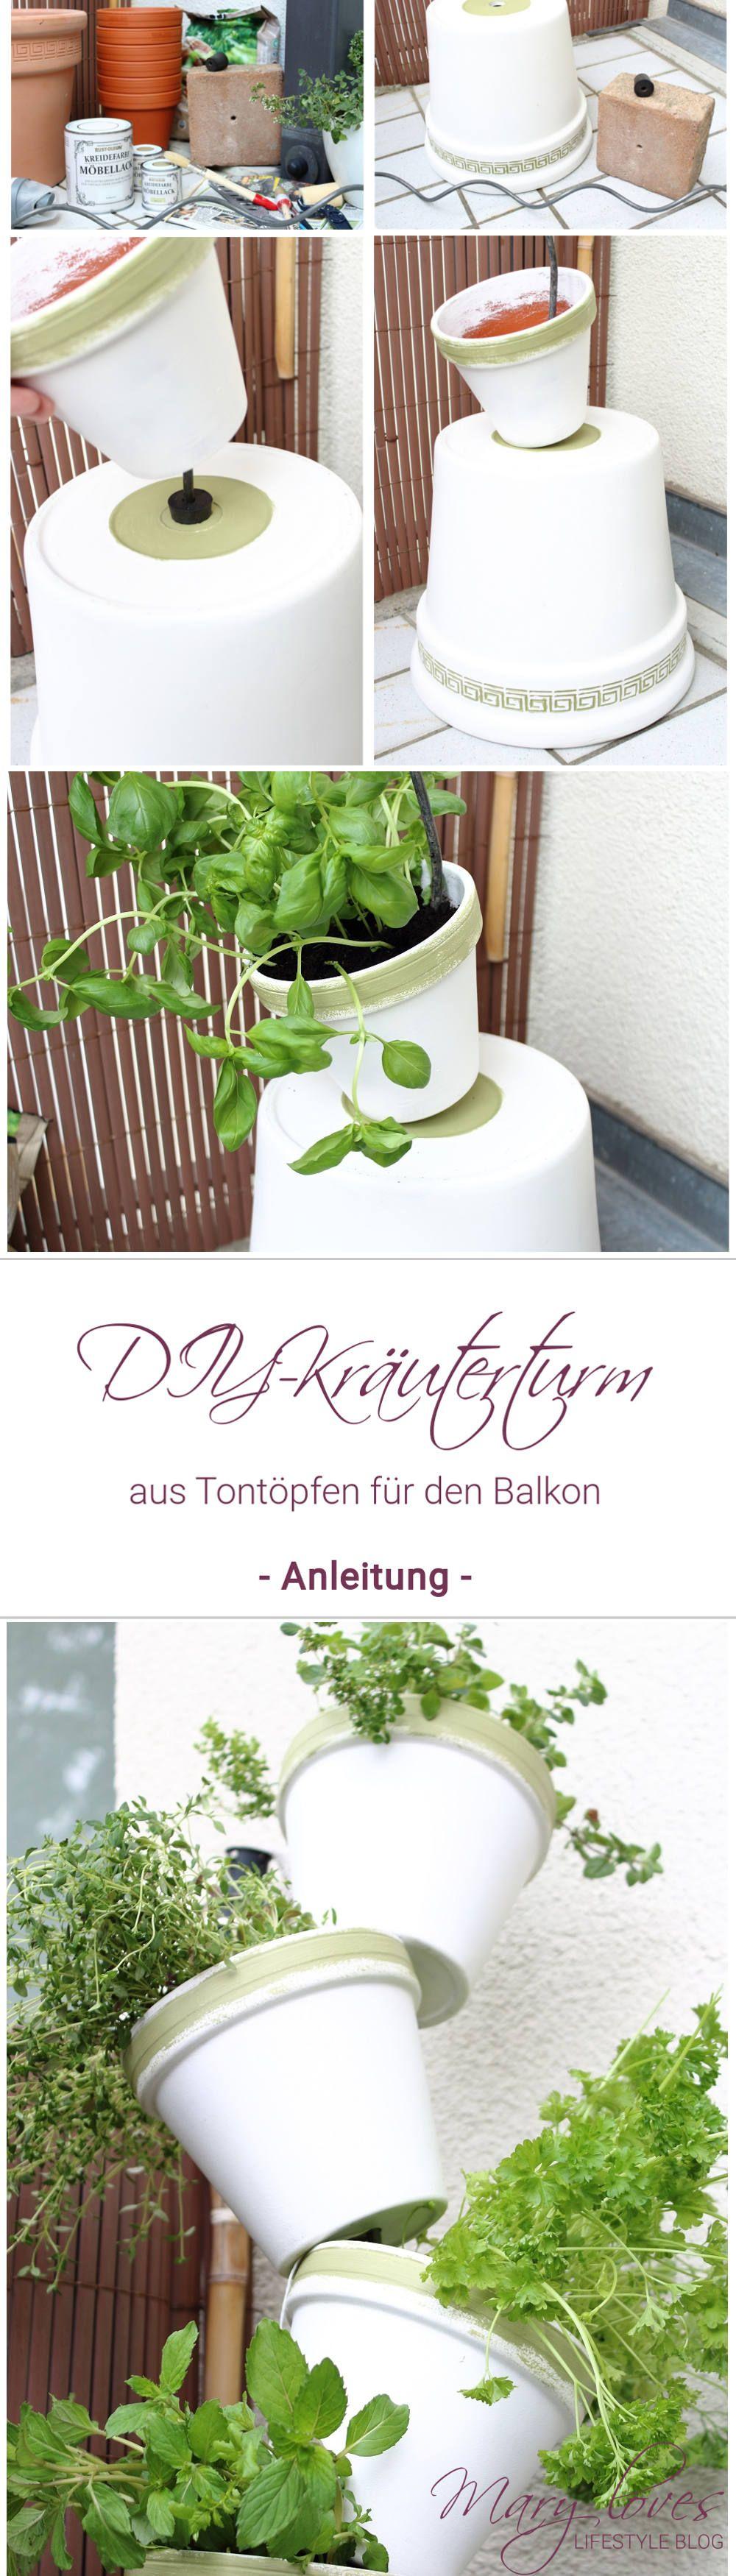 Schön Balkon Ideen Selber Machen Schema